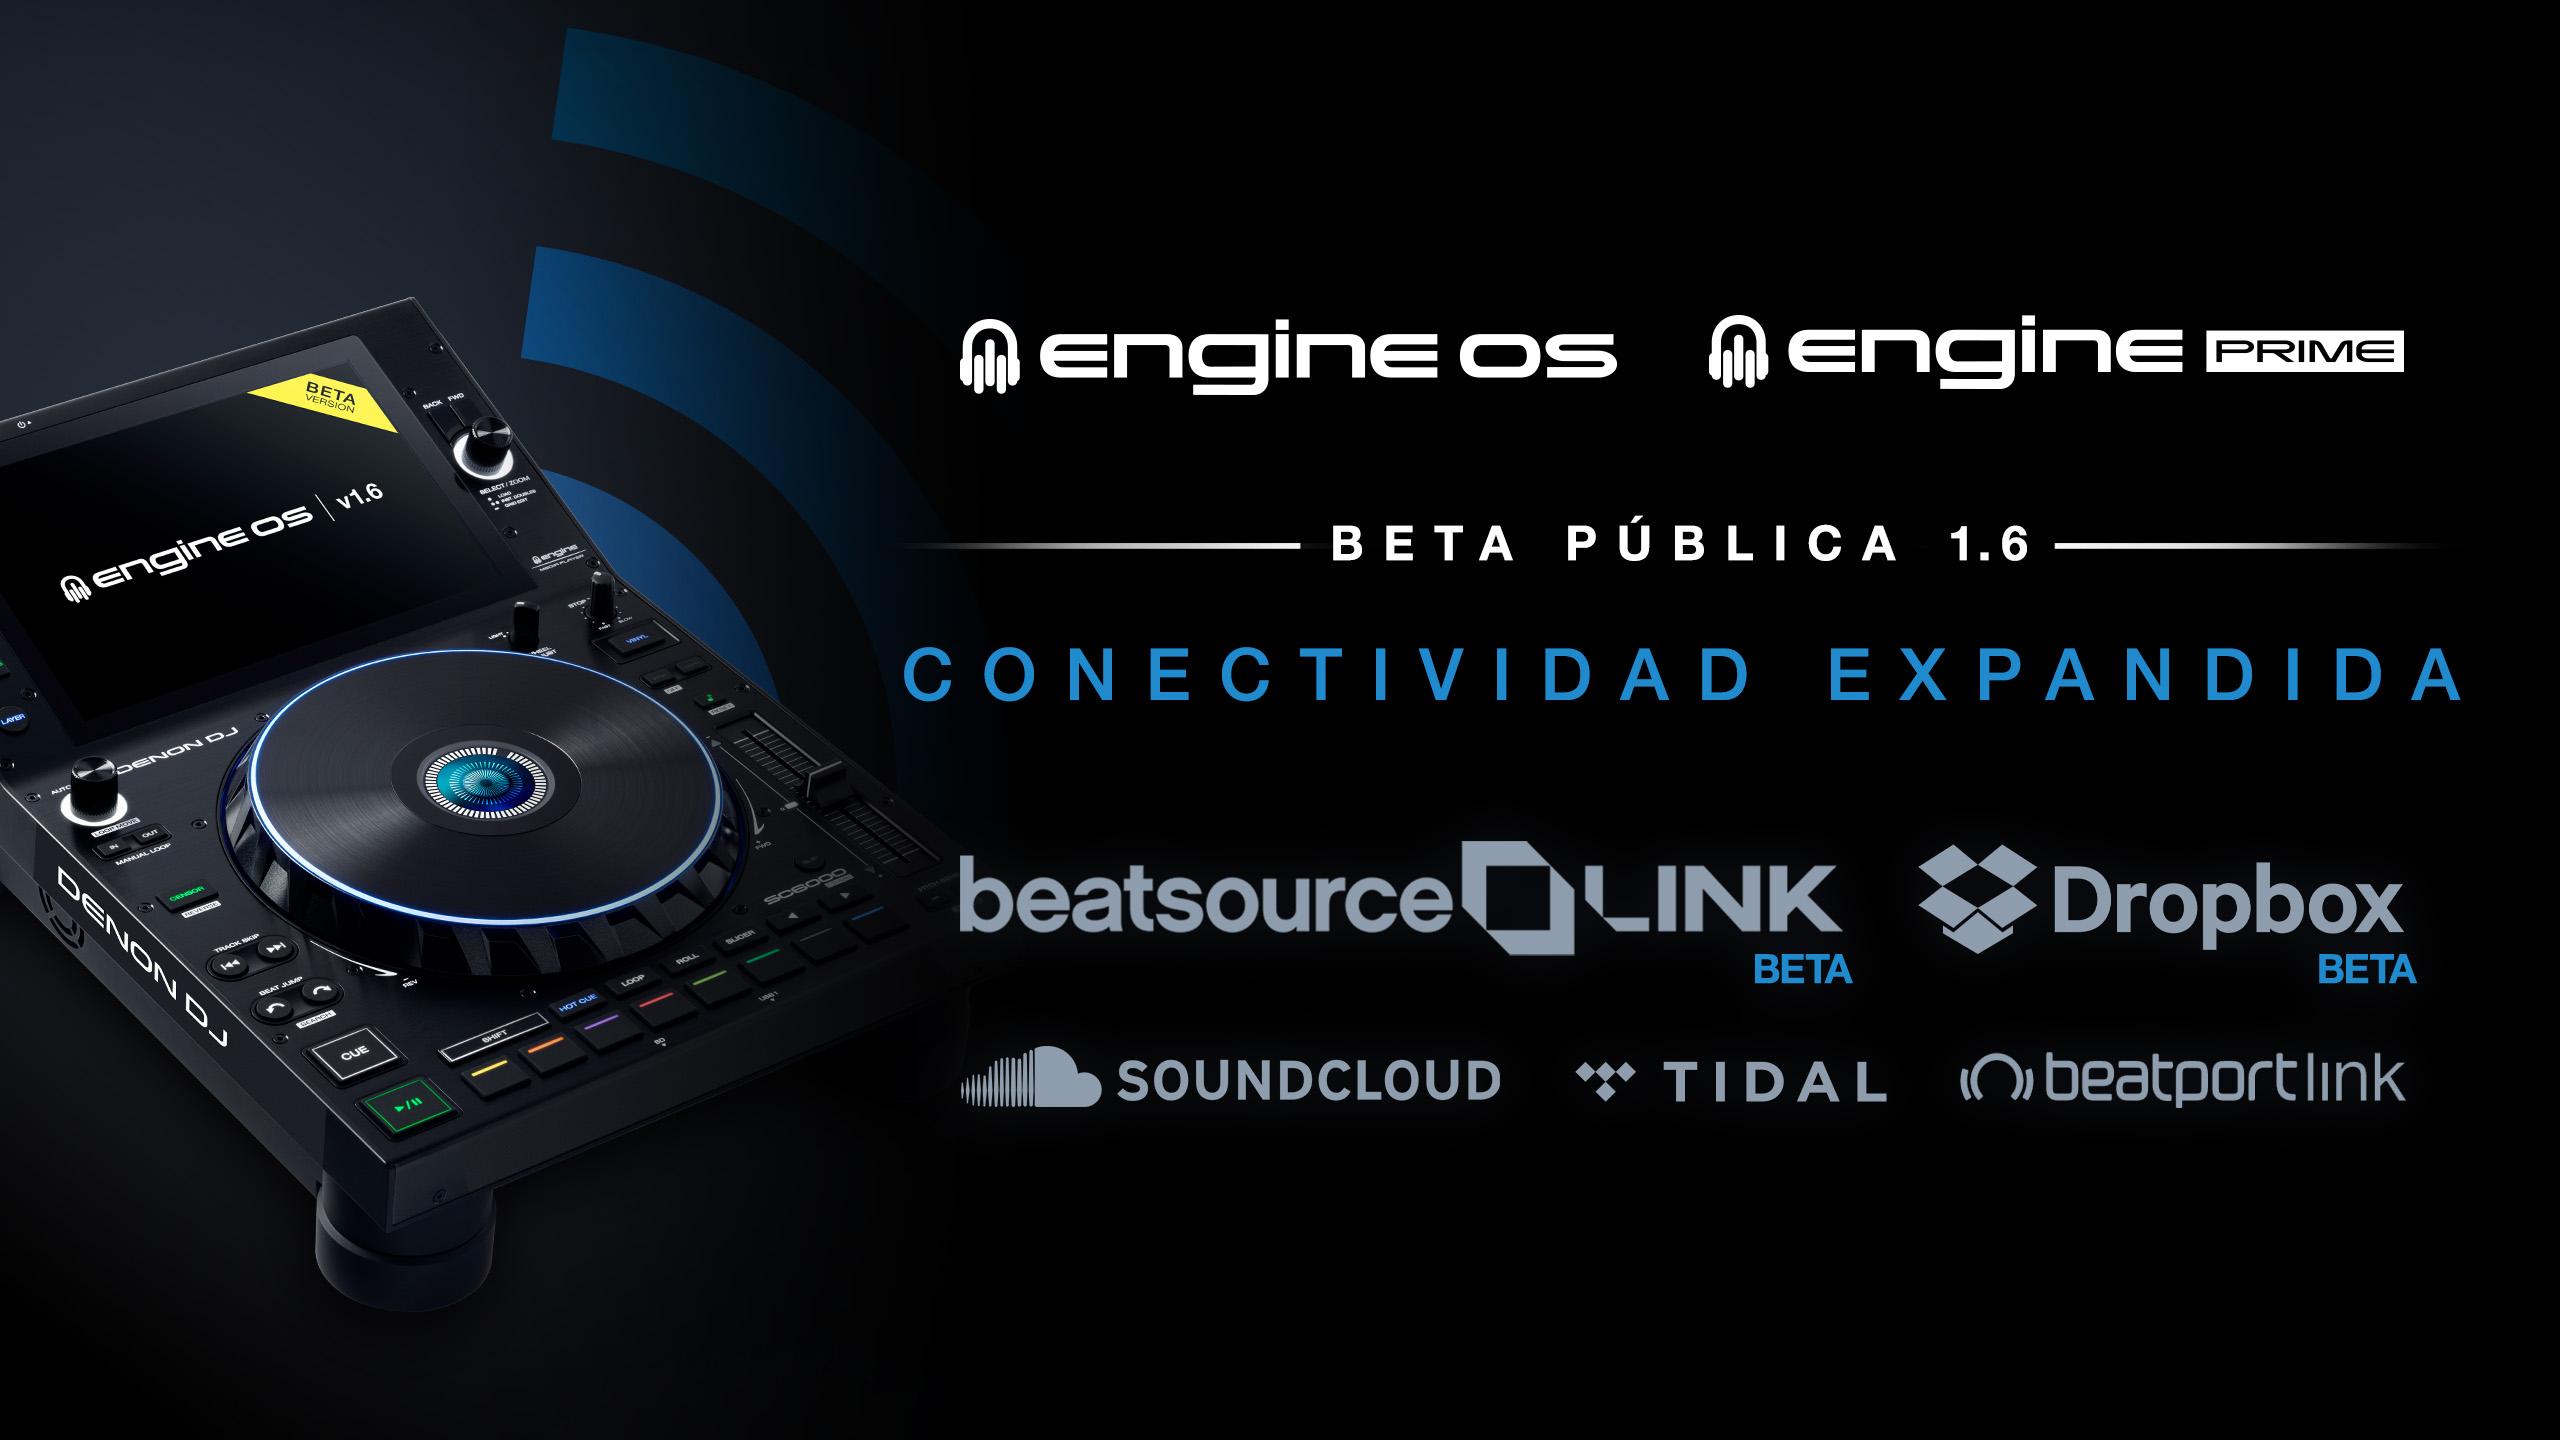 ENGINE® DJ expande su conectividad a la nube con la Beta pública para Dropbox y Beatsource Link